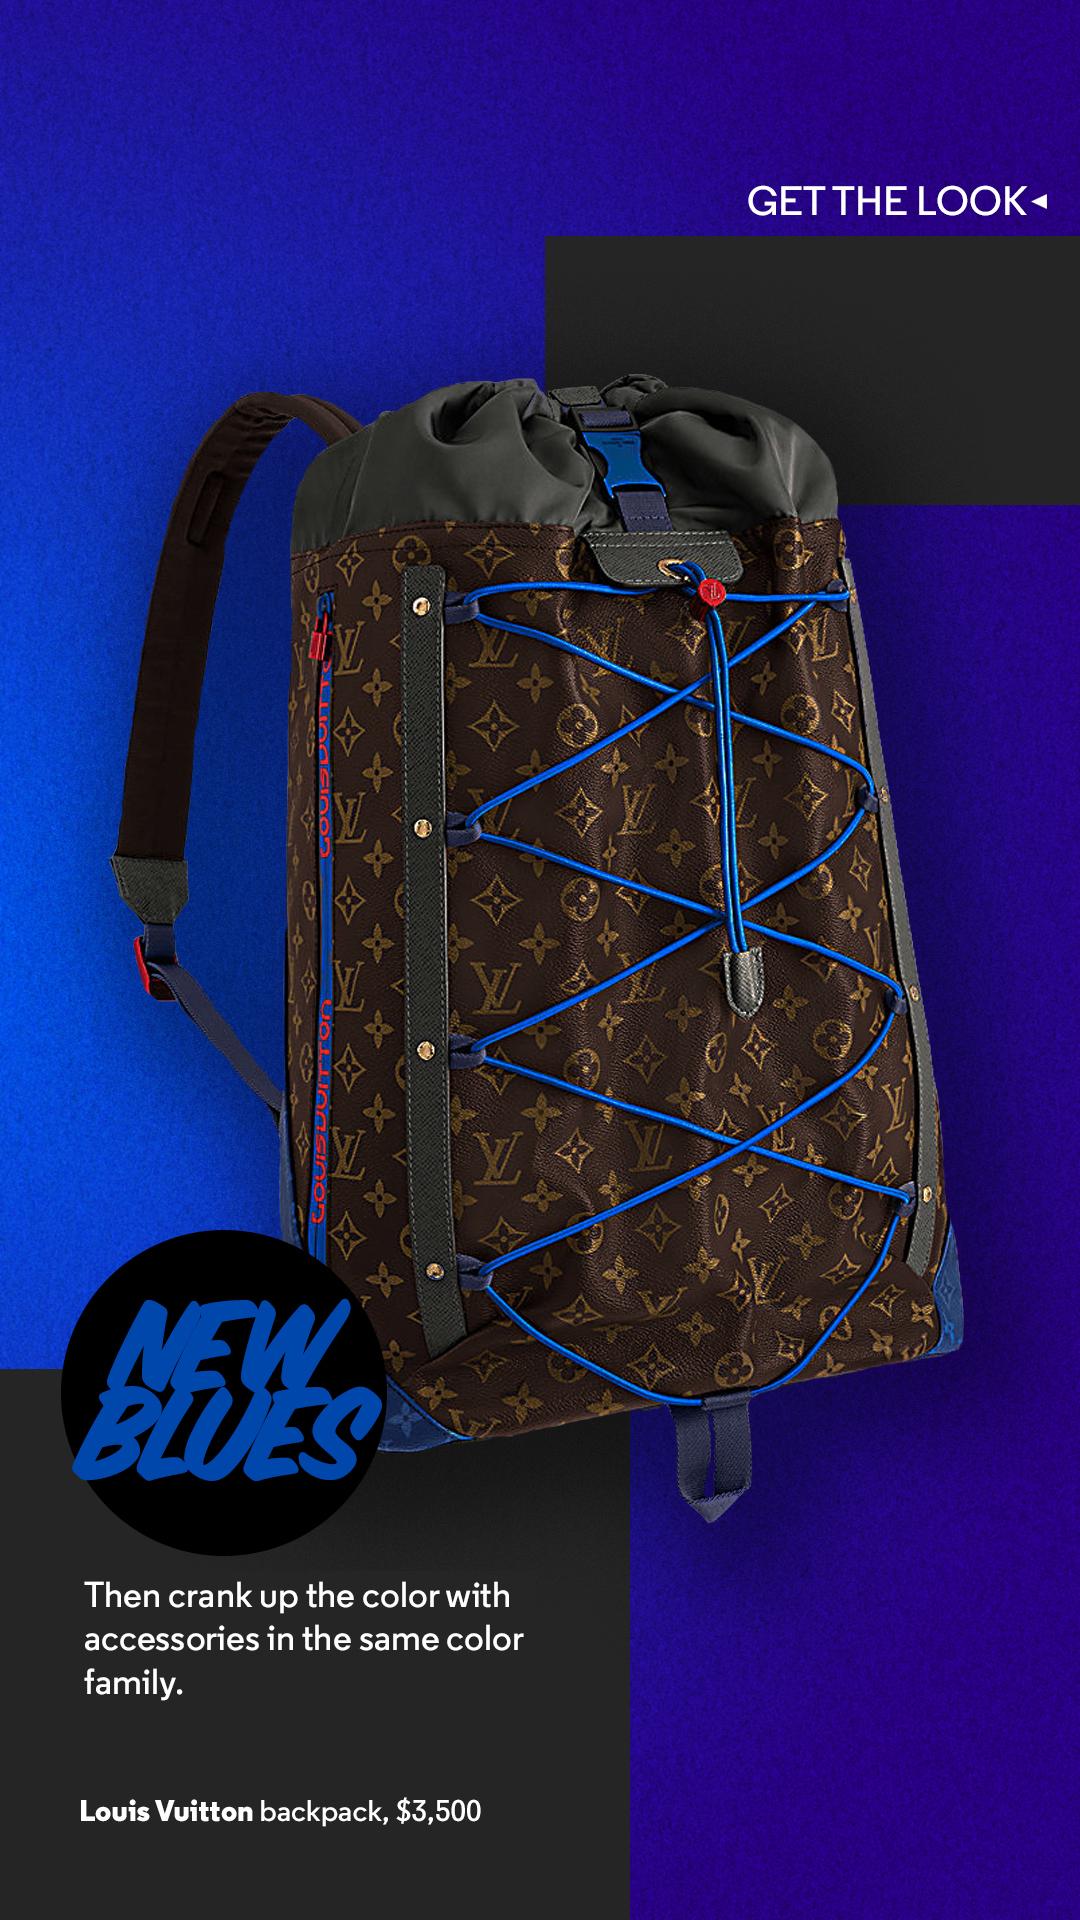 LVbackpack.jpg